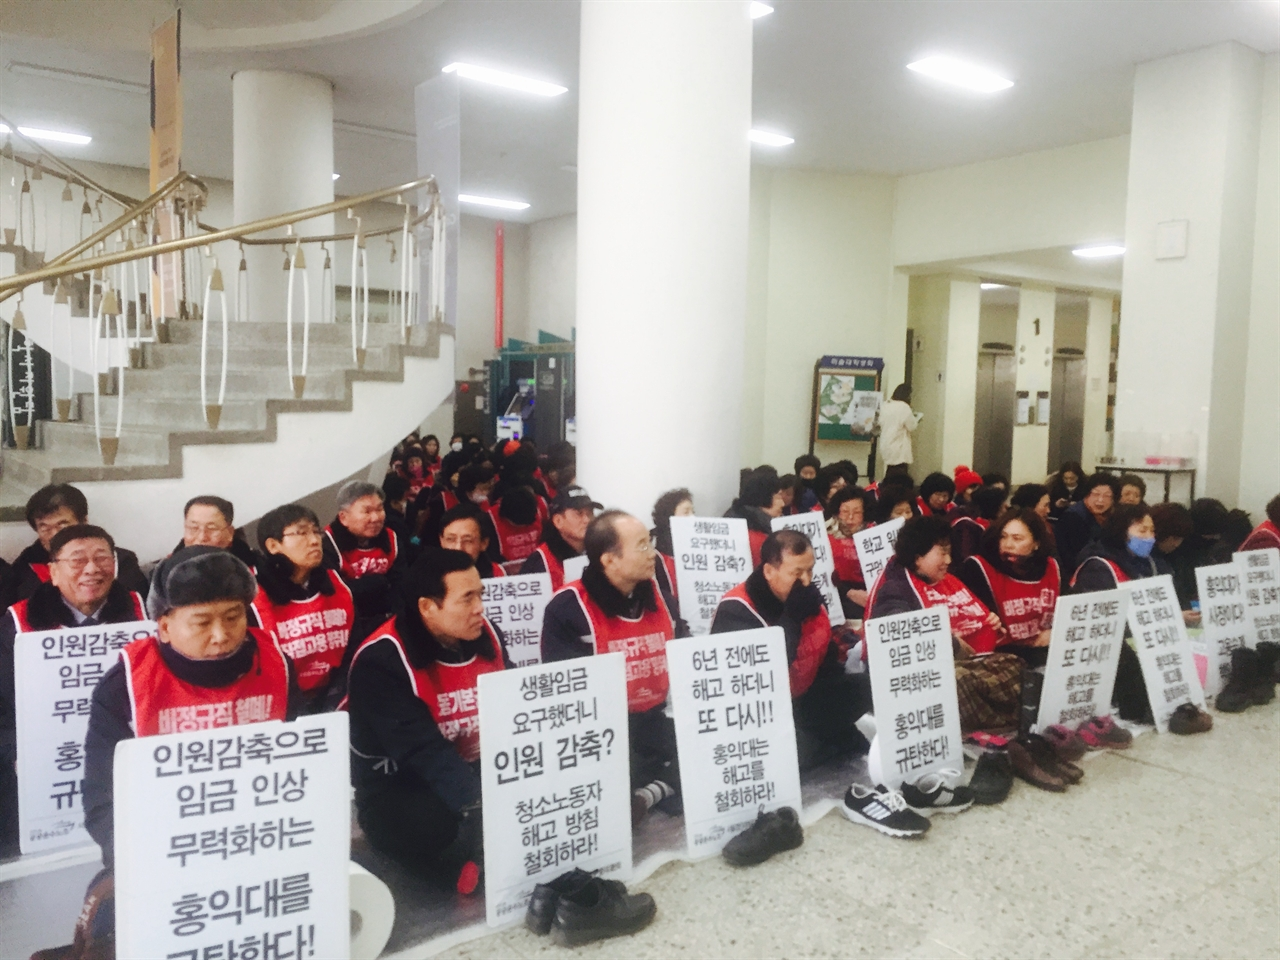 5일 오전에 열린 '홍대 청소노동자 해고 통지 철회 촉구' 집회